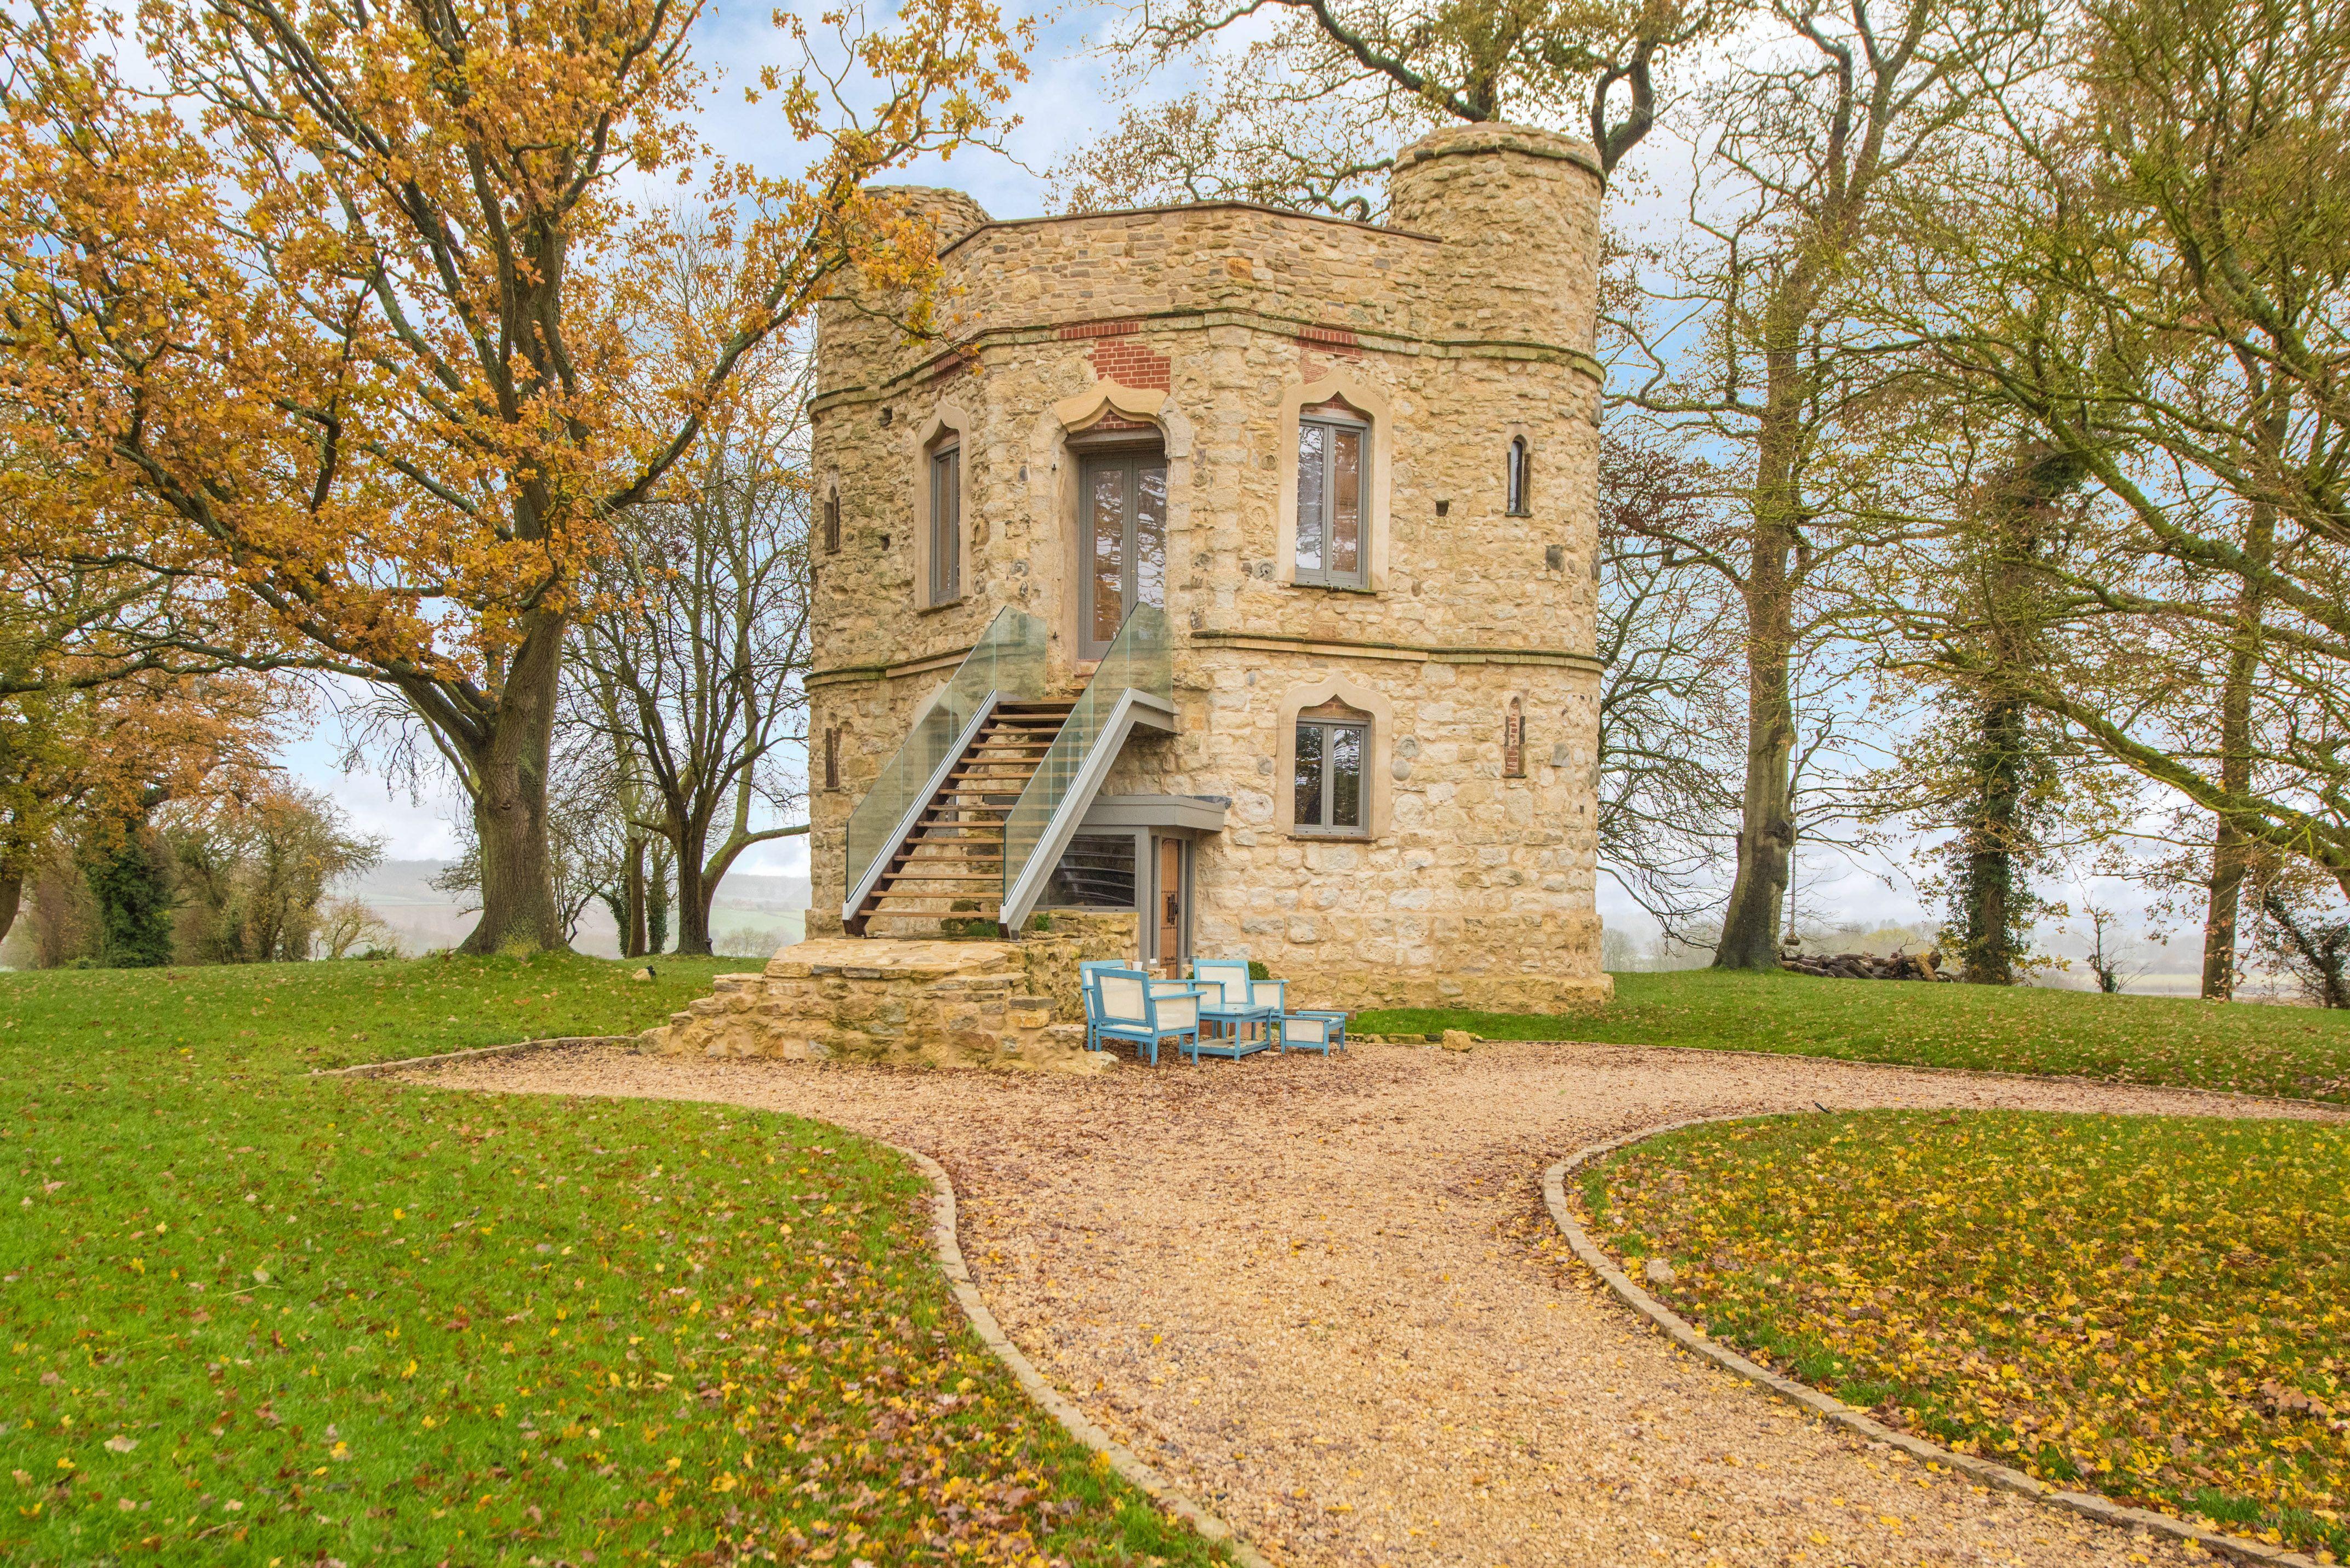 Miniature two-bedroom castle for sale in Buckinghamshire